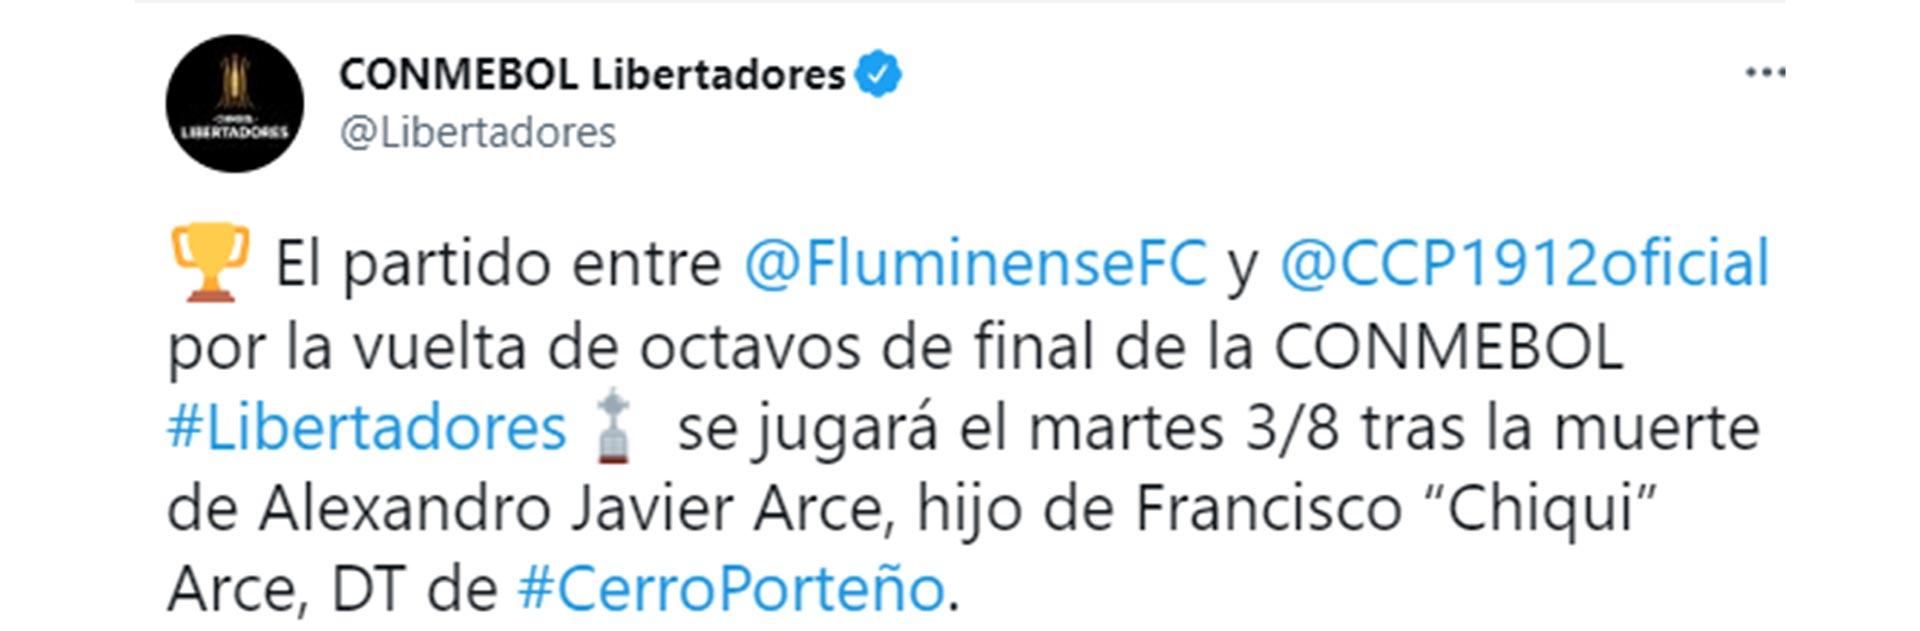 Conmebol decidió aplazar el duelo entre Cerro Porteño y Fluminense por la vuelta de los octavos de final de la Copa Libertadores